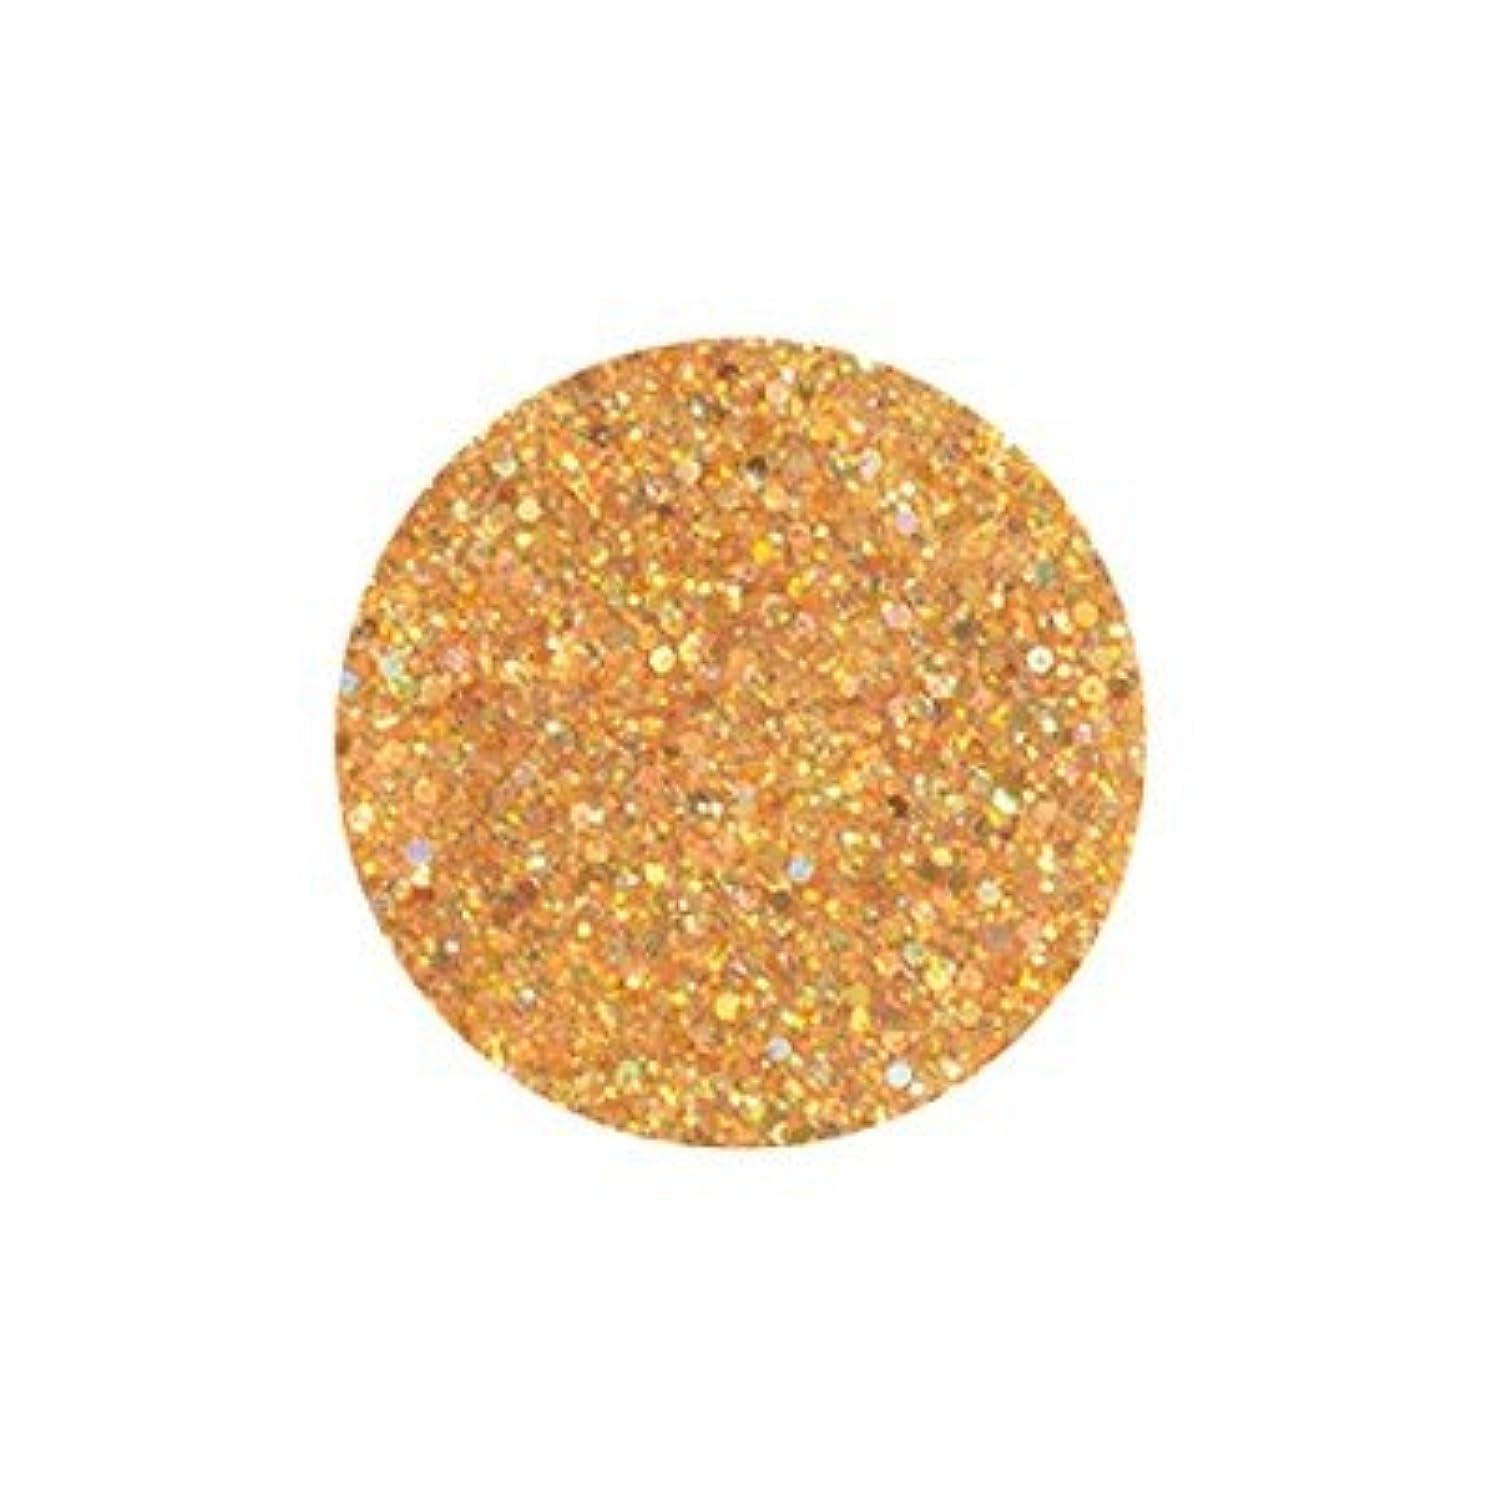 占める政治家の免除FANTASY NAIL ダイヤモンドコレクション 3g 4254XS カラーパウダー アート材